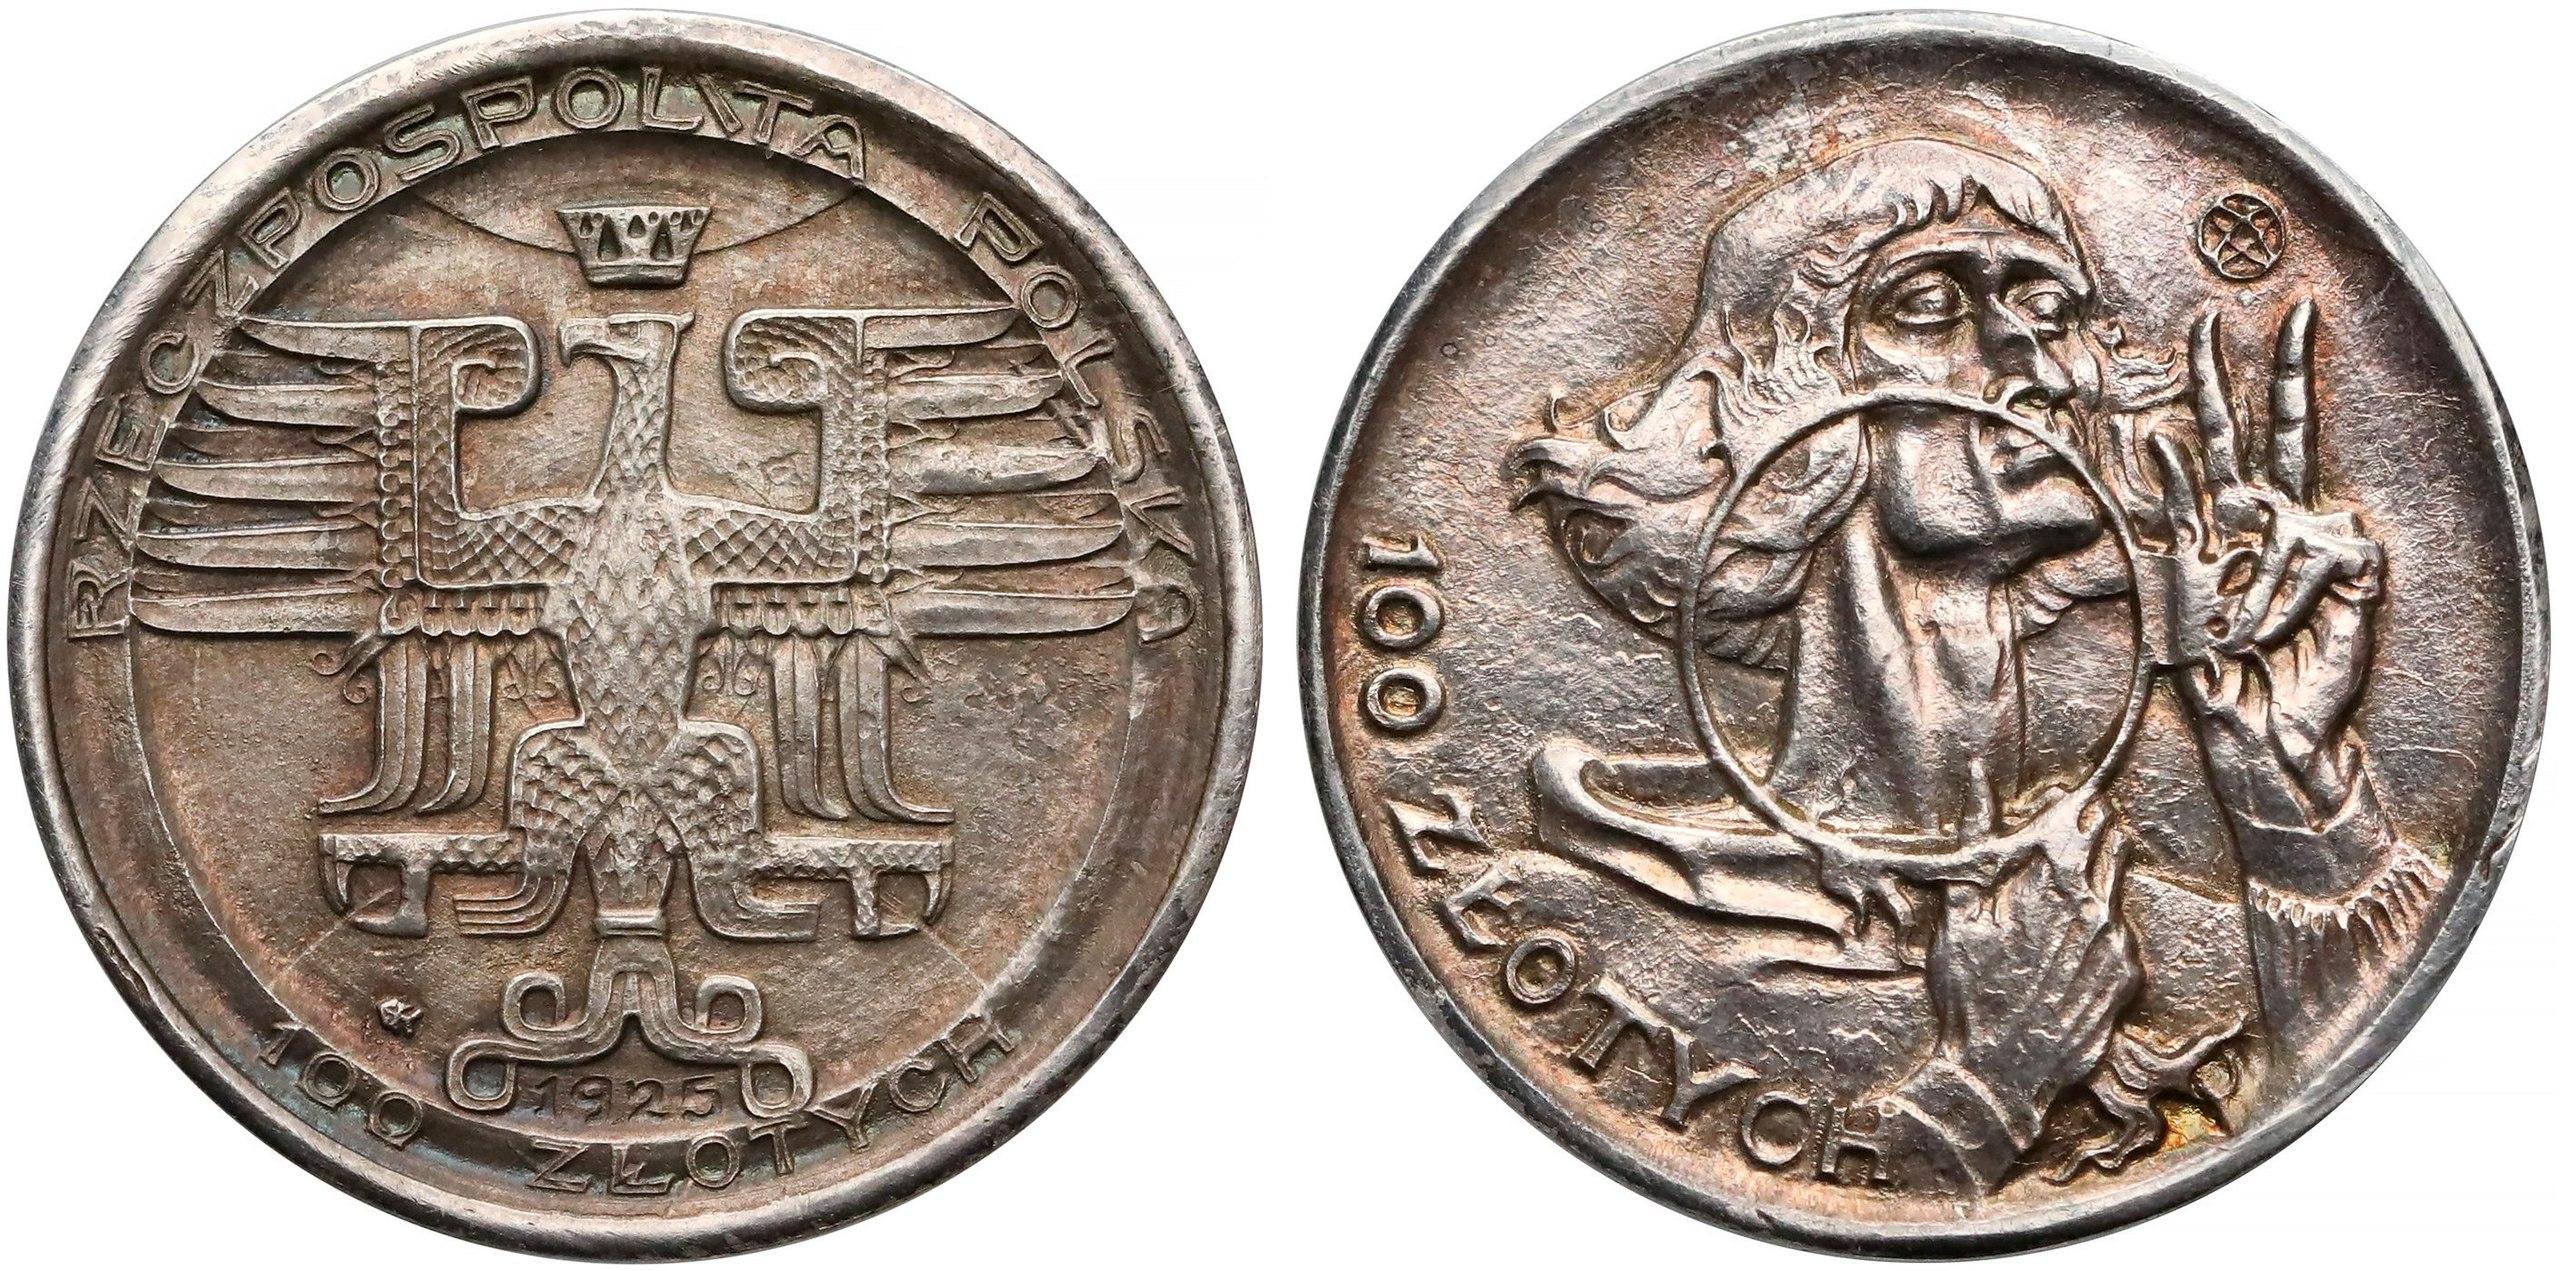 Stanisław Szukalski (1893-1987), moneta 100 złotych Mikołaj Kopernik, wersja wybita w srebrze, 1925 rok , źródło: wikipedia.pl